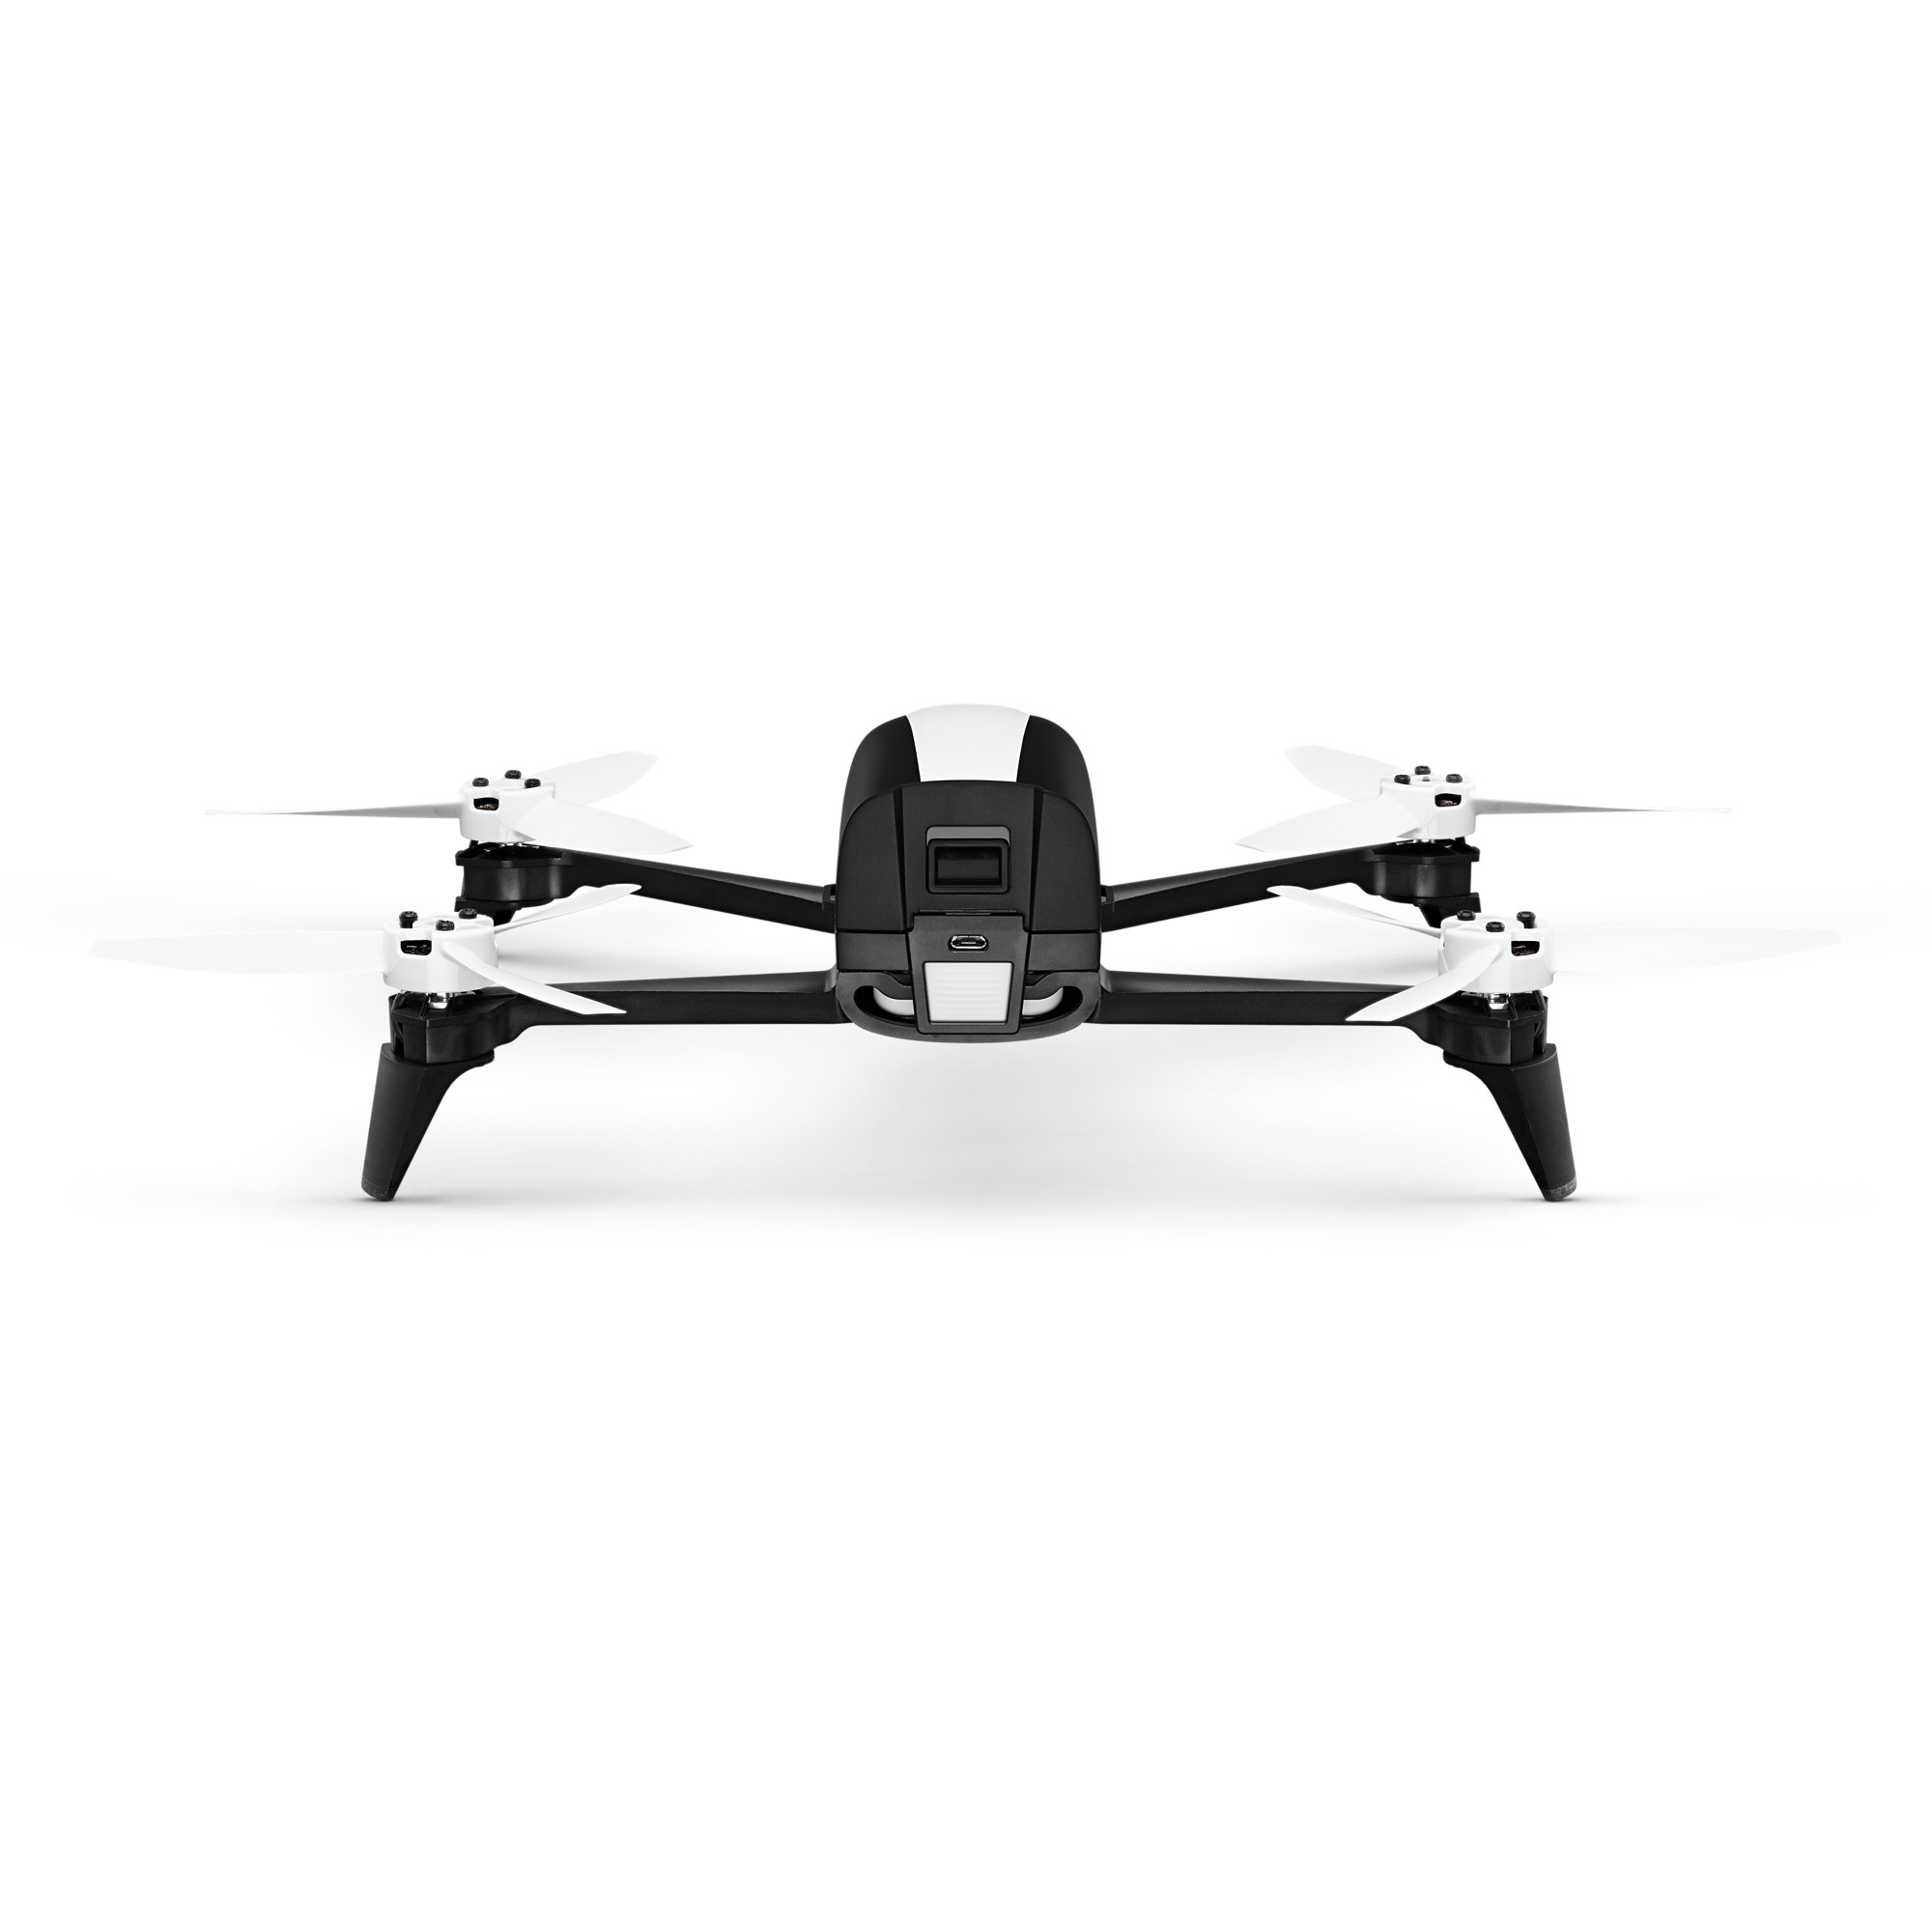 drone camera vibration